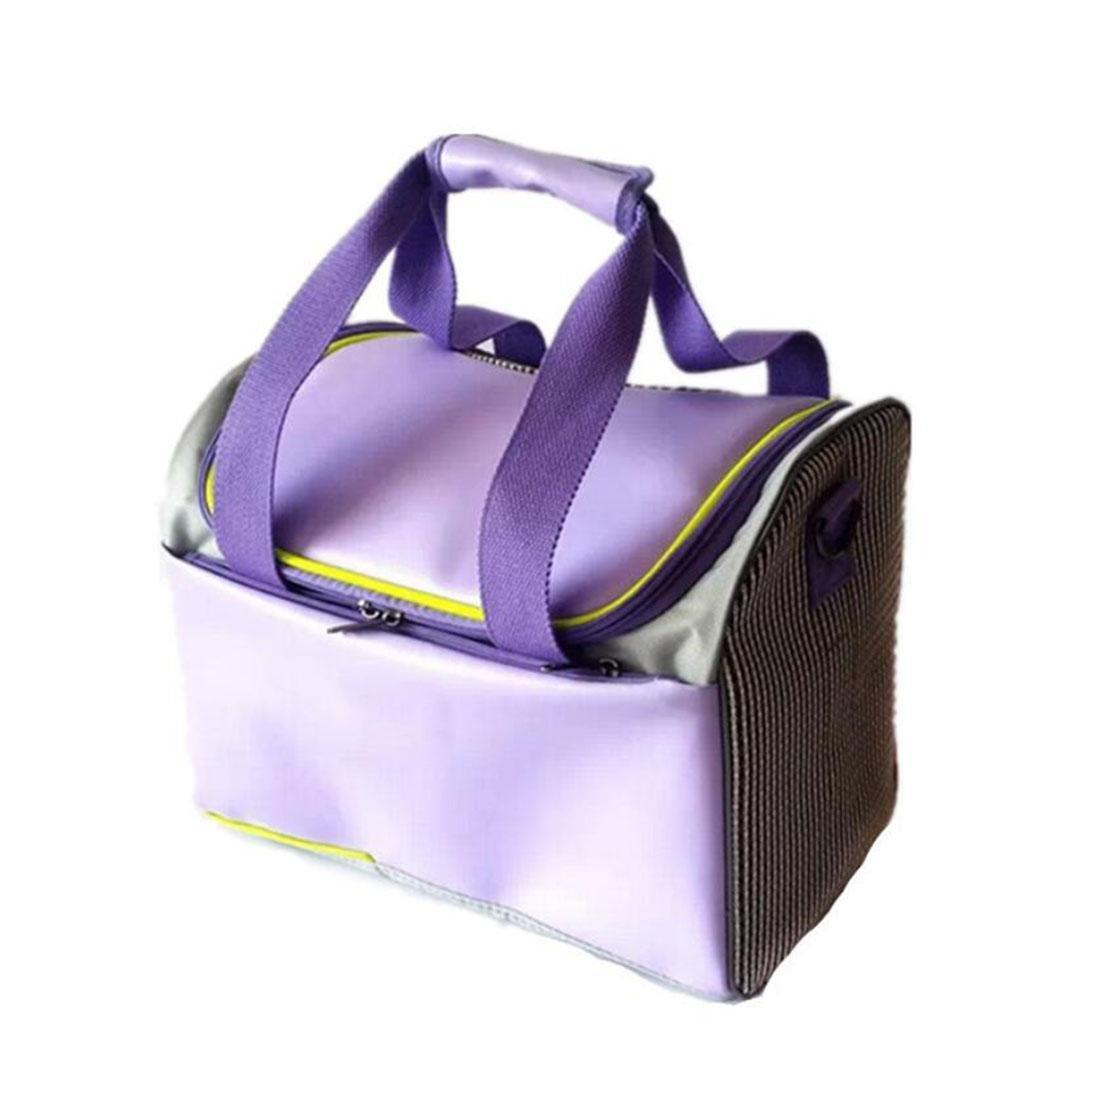 LVRXJP Transport Portable Outdoor Single Shoulder Handbag Travel Pet Sling Dog Cat Carrier Bag Pink, l